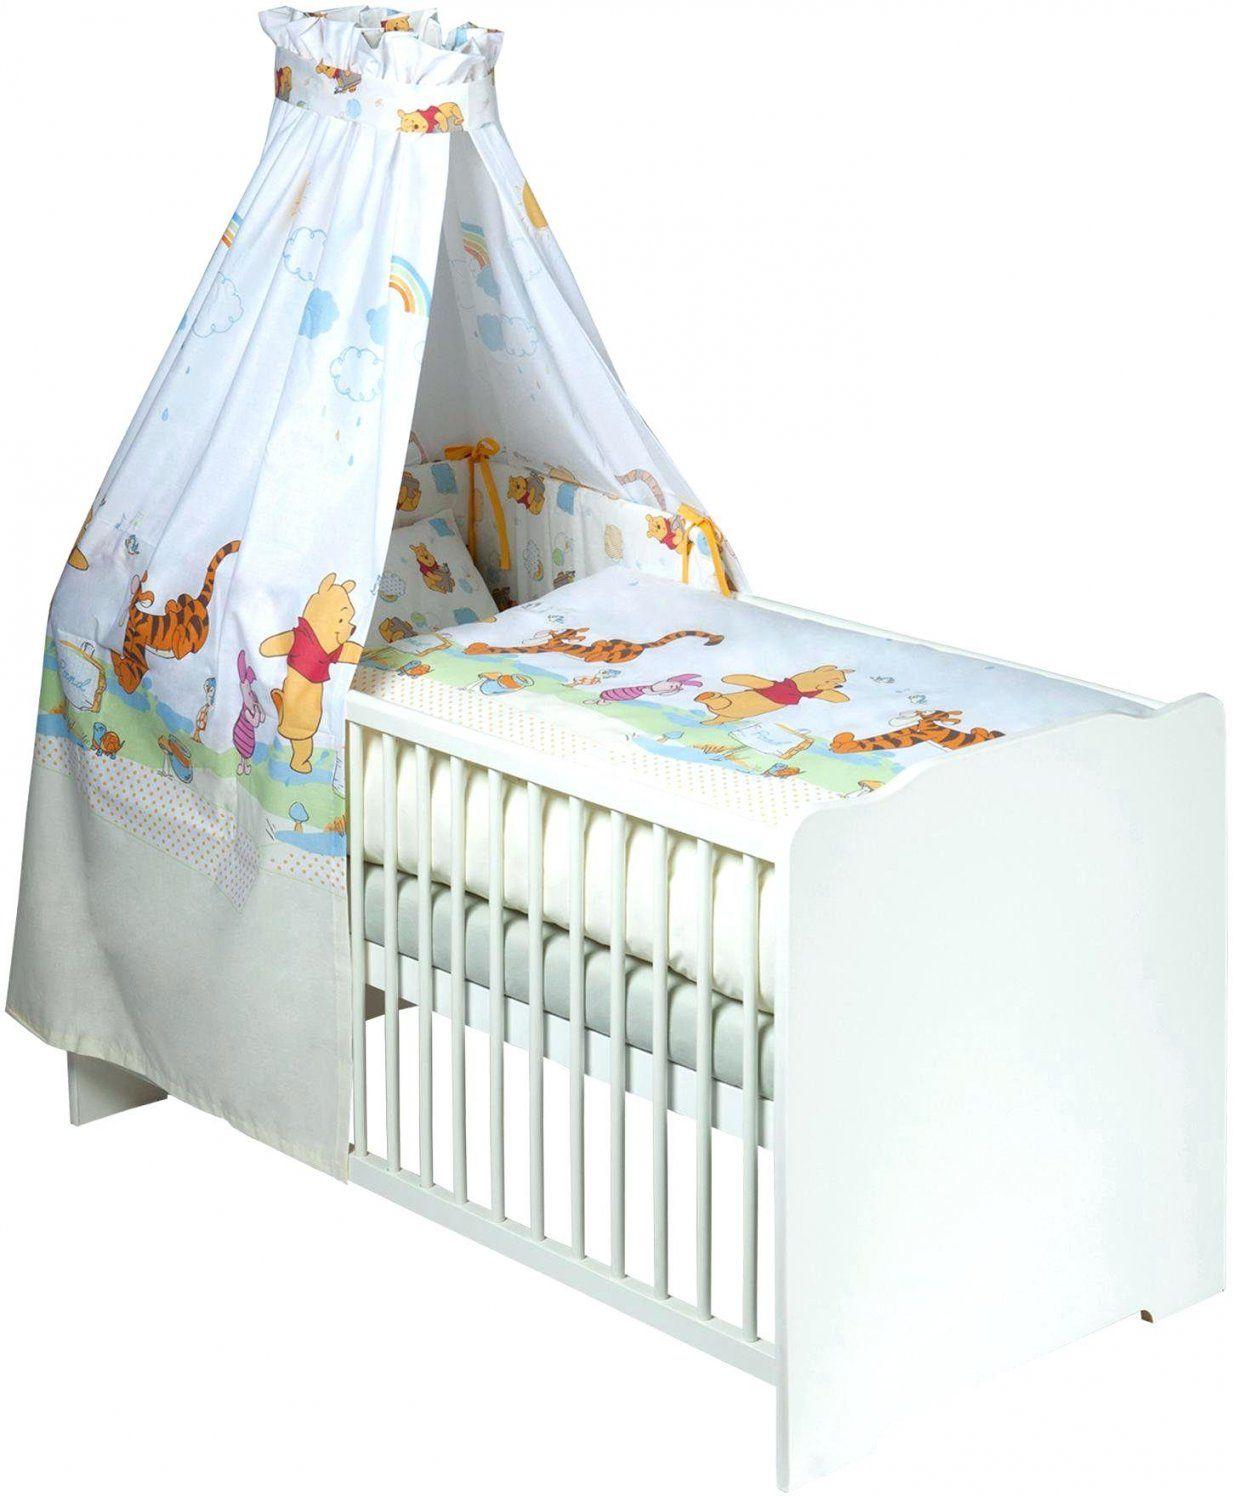 Himmel Babybett Bett Anbringen Selber Machen Kinderbett Nahen von Himmel Für Kinderbett Selber Machen Bild